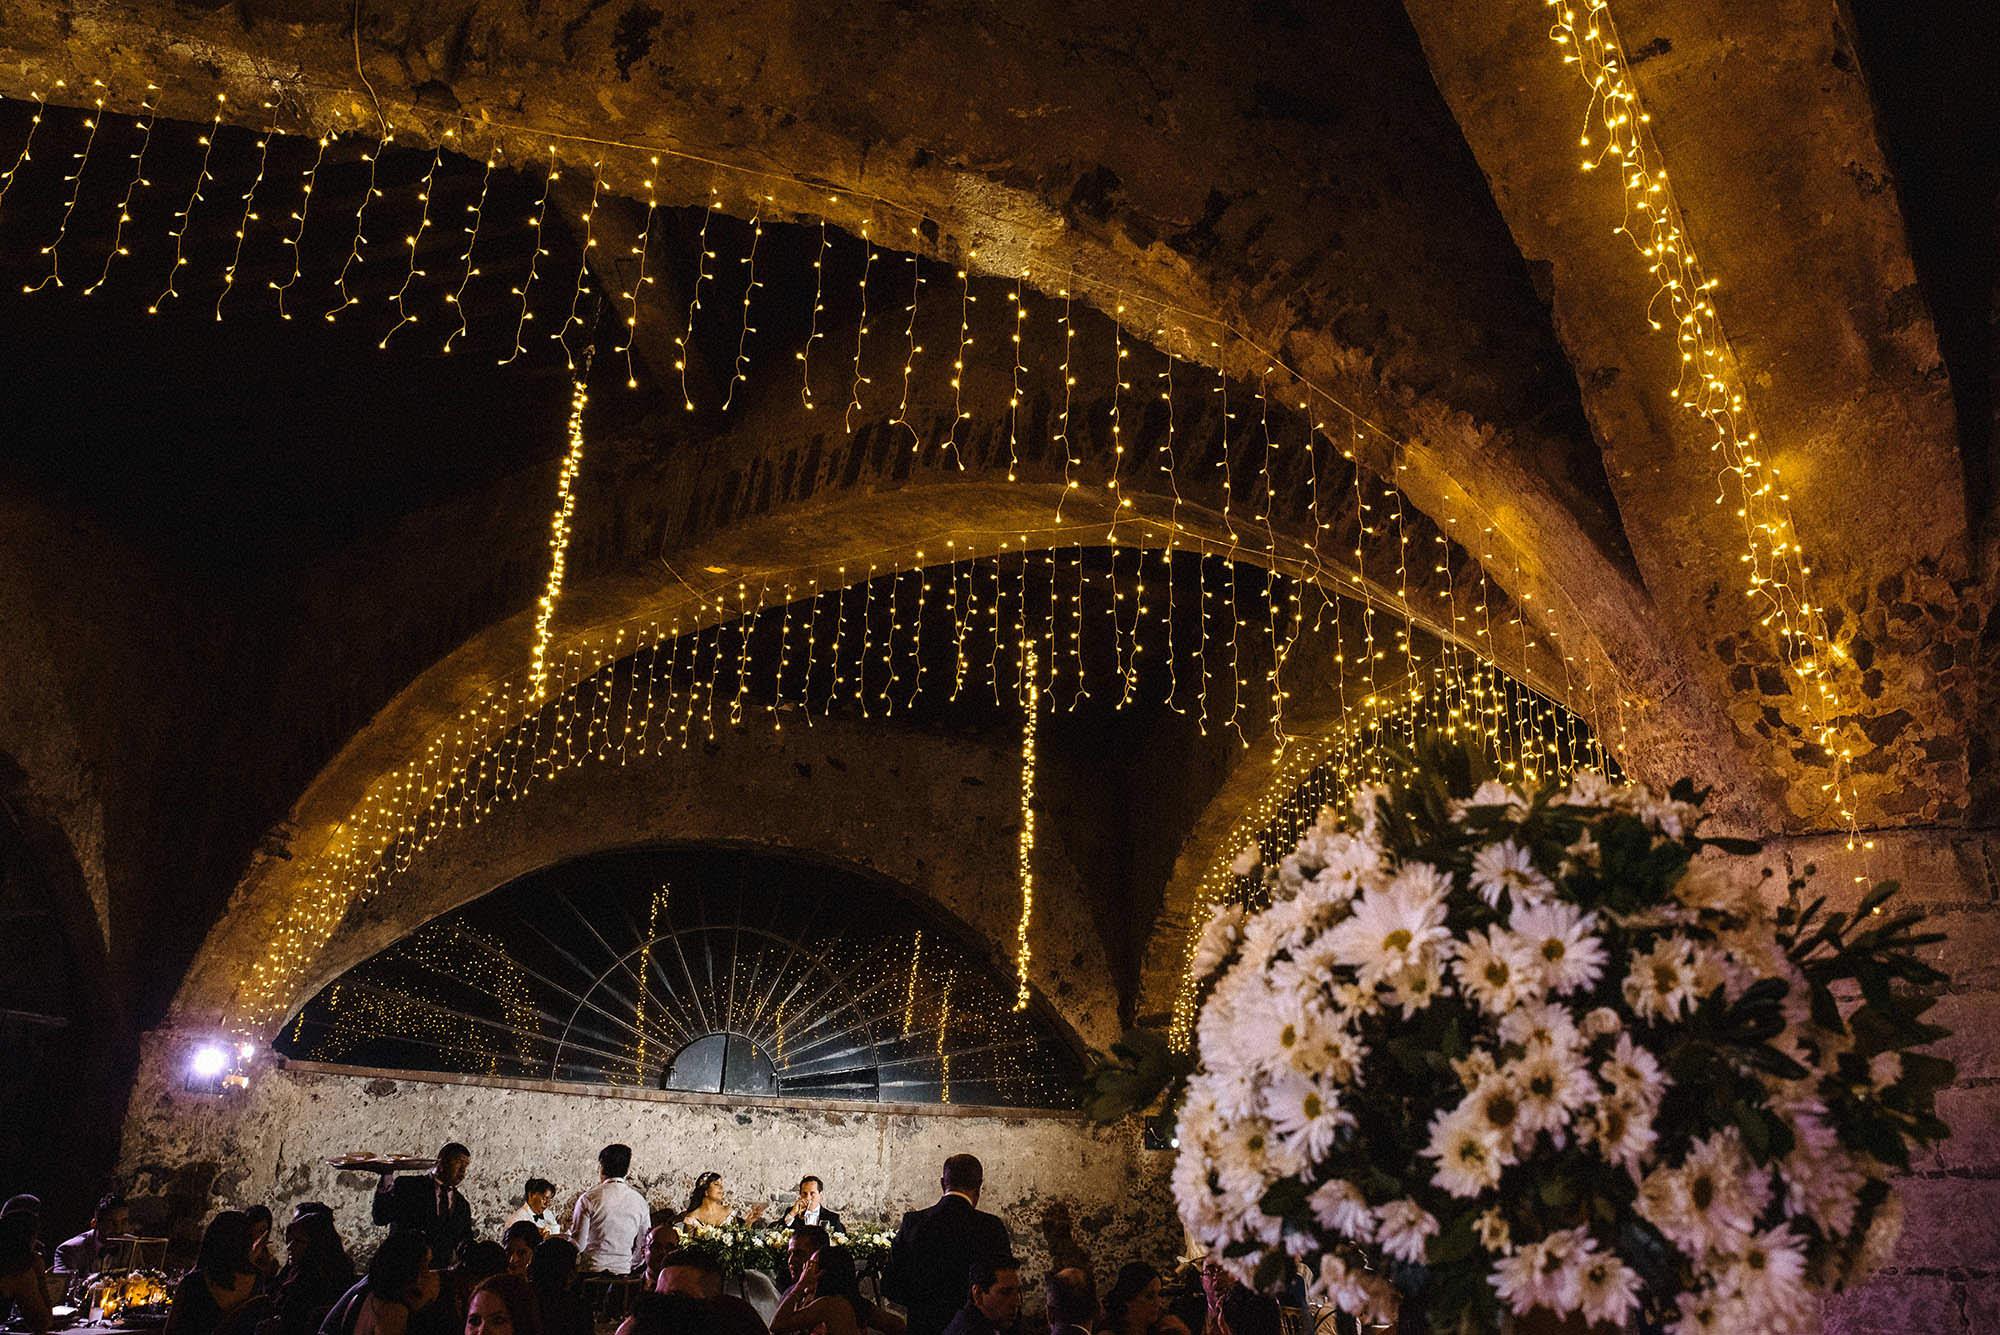 Boda Queretaro hacienda wedding planner magali espinosa fotografo 39-WEB.jpg